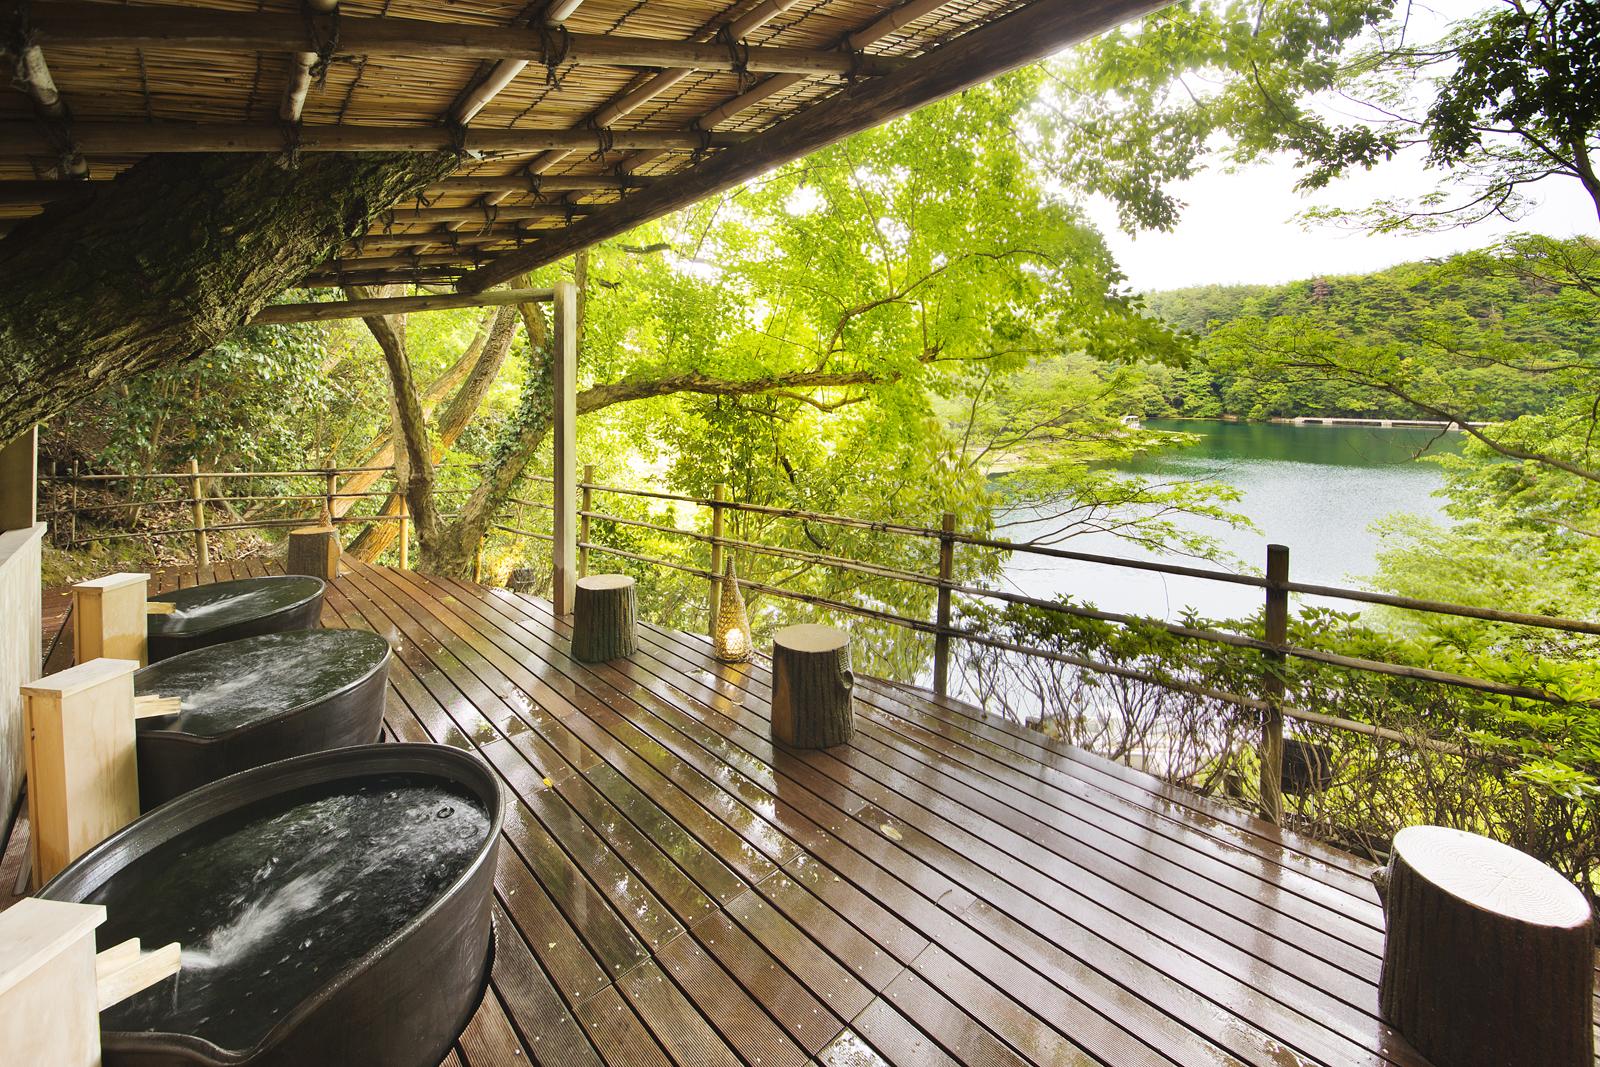 露天壺風呂 四季おりおりに美しい九十九湾の眺望と木々の香りが時を忘れてお楽しみいただけます。